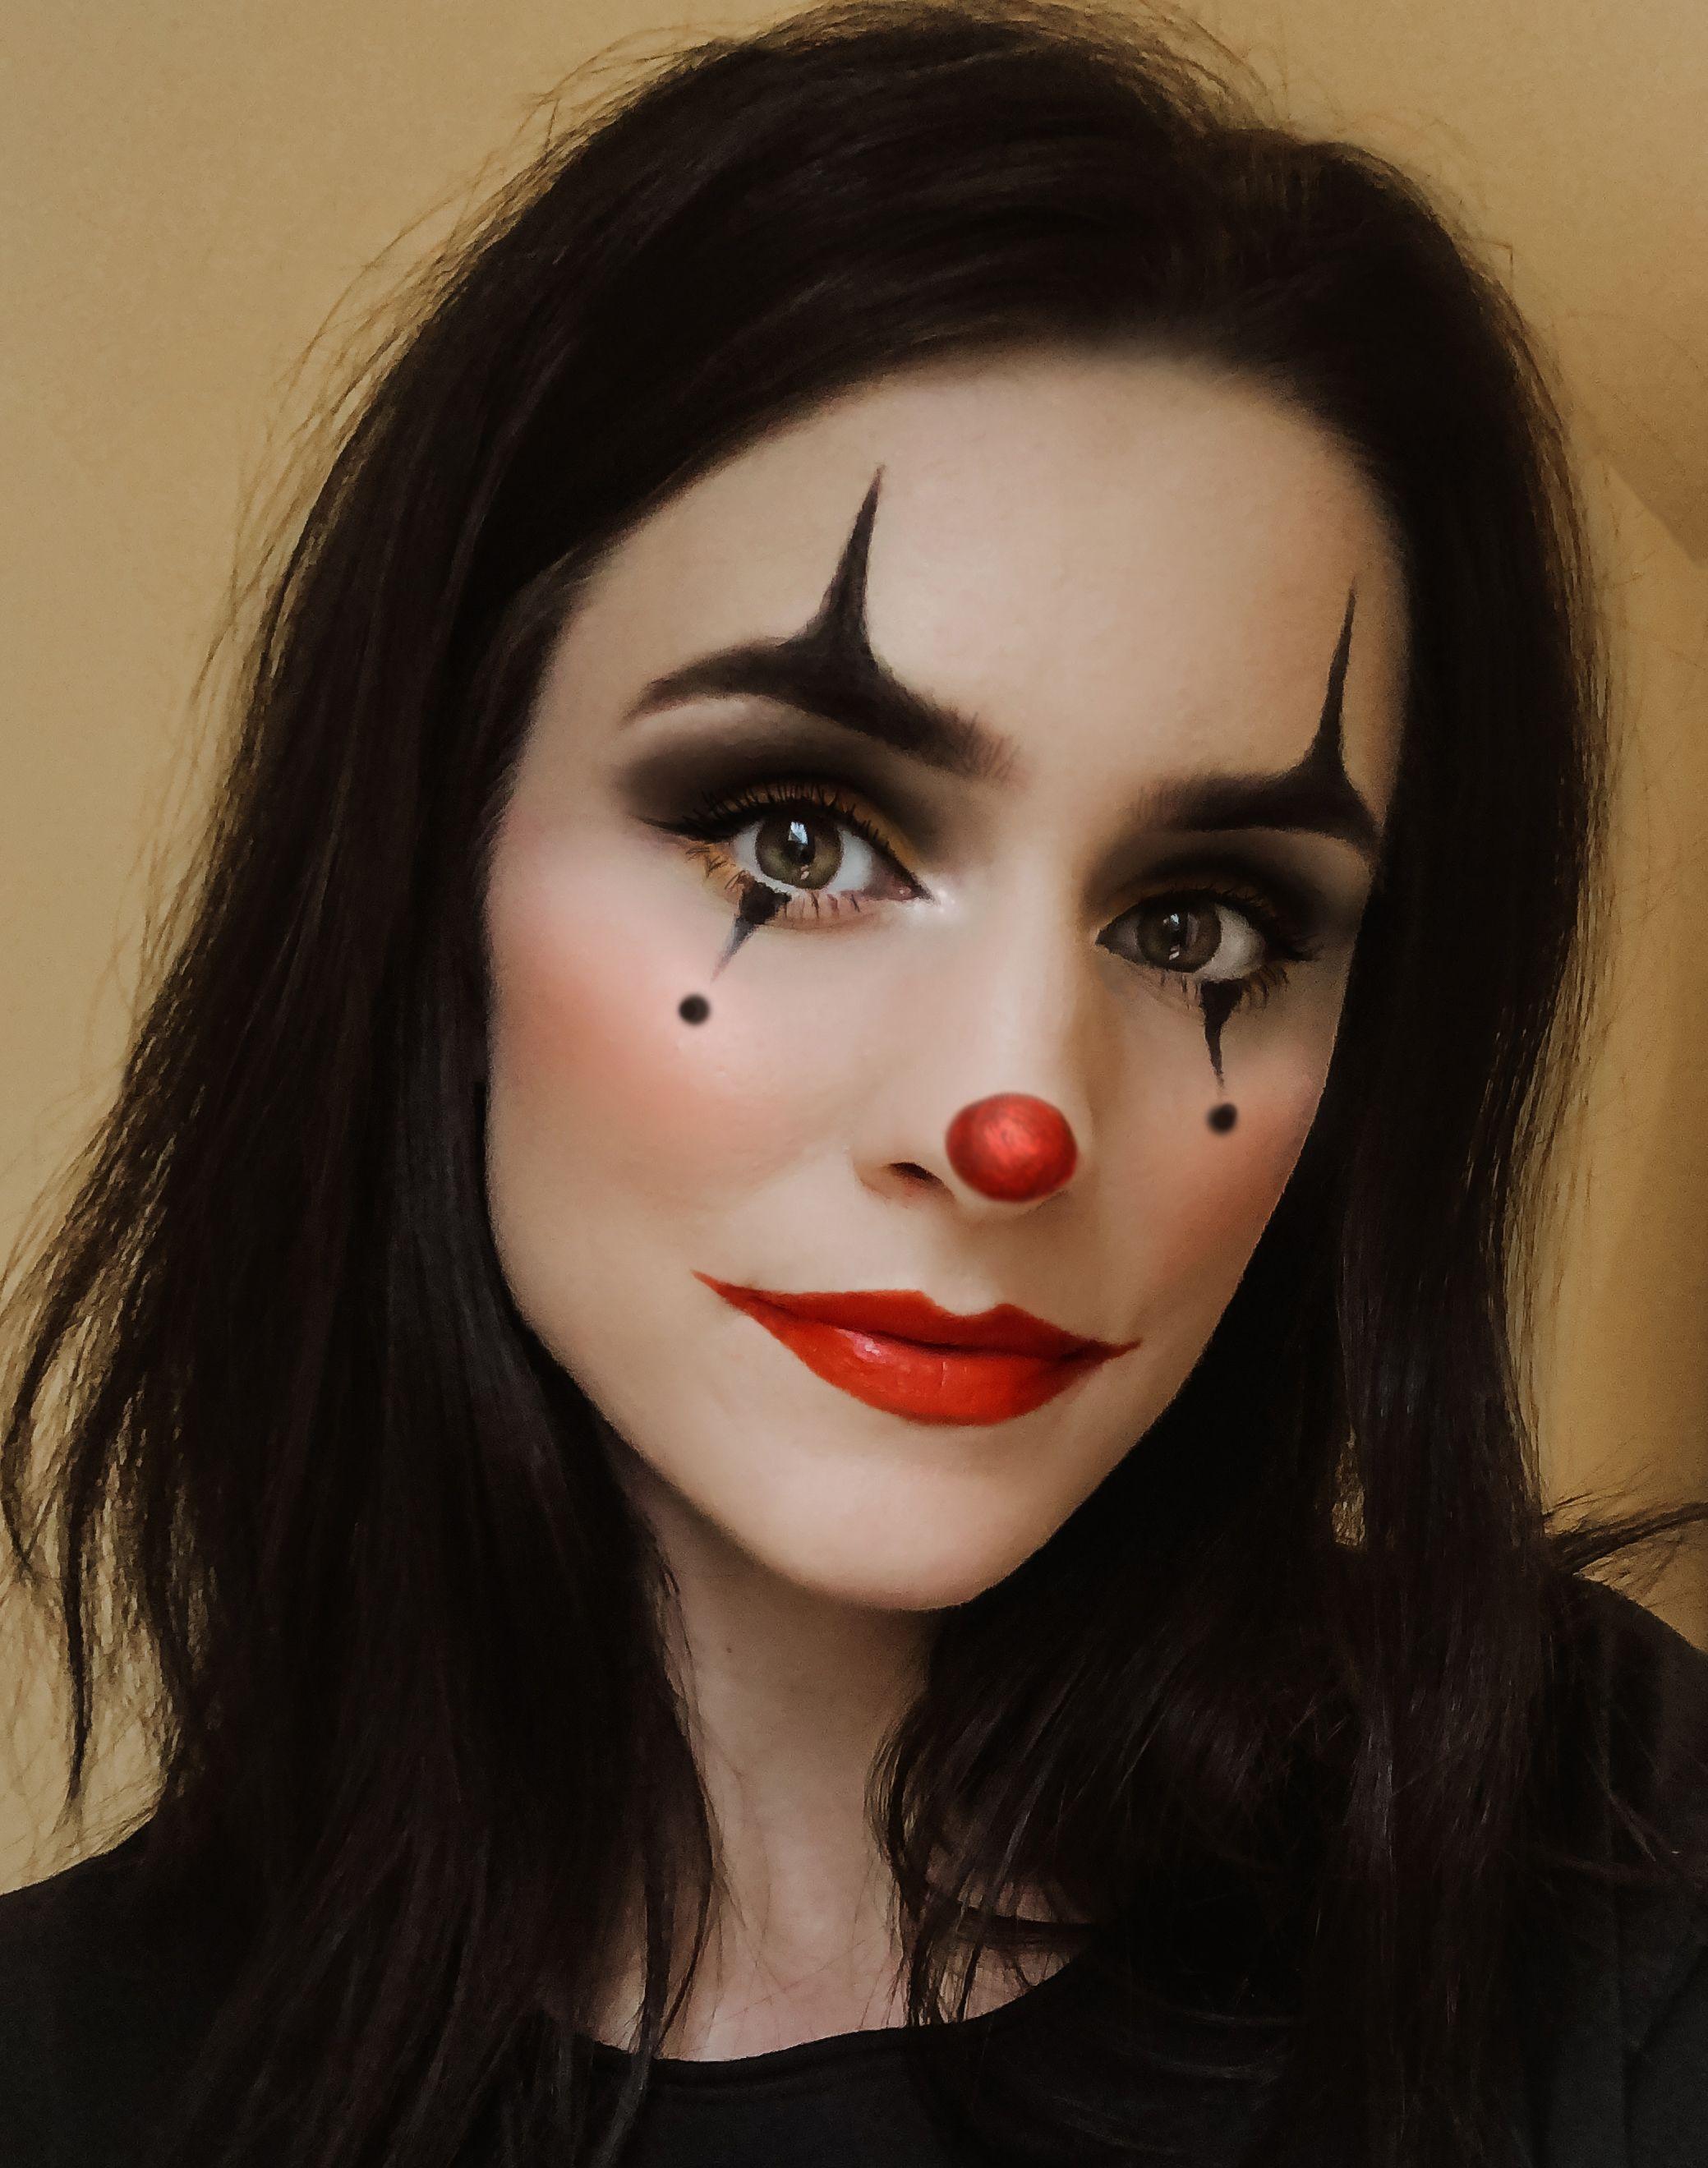 Amazingconcealer® in 2020 Halloween makeup clown, Easy